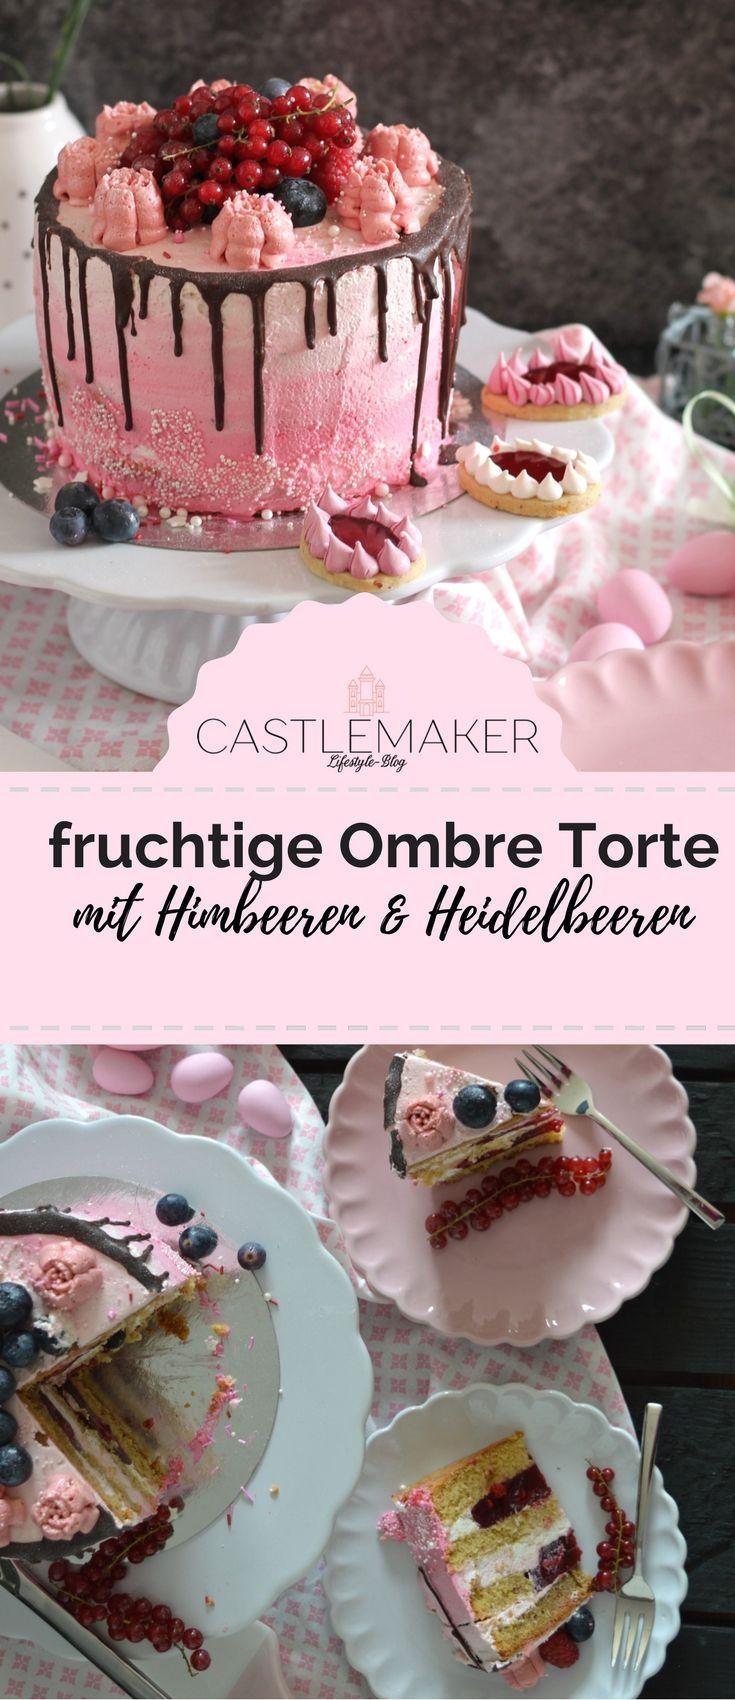 Fruchtige Torte im Ombre-Look mit Himbeeren & Heidelbeeren // Drip Cake